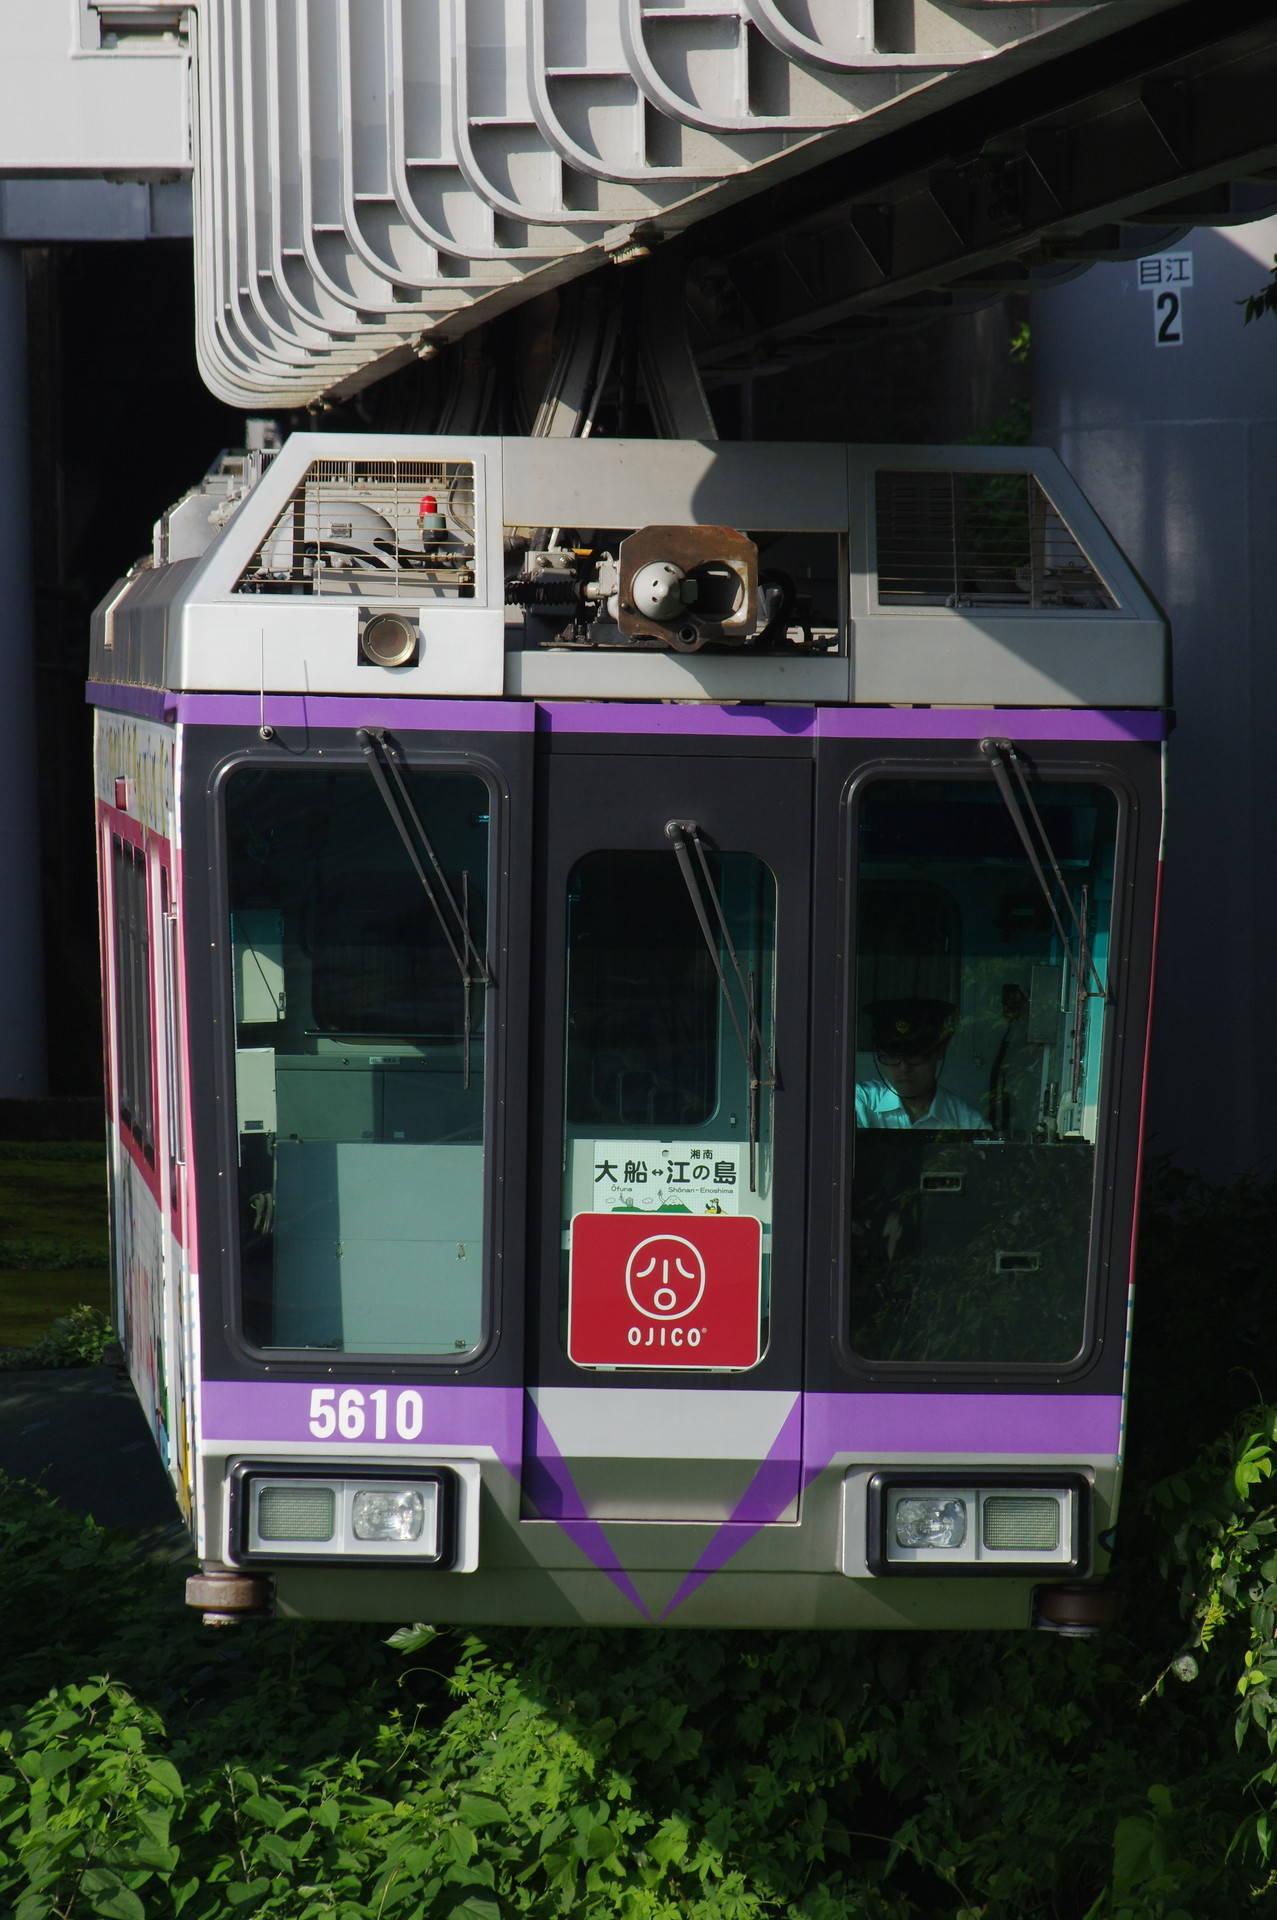 5000系5609編成 「OJICOトレイン」